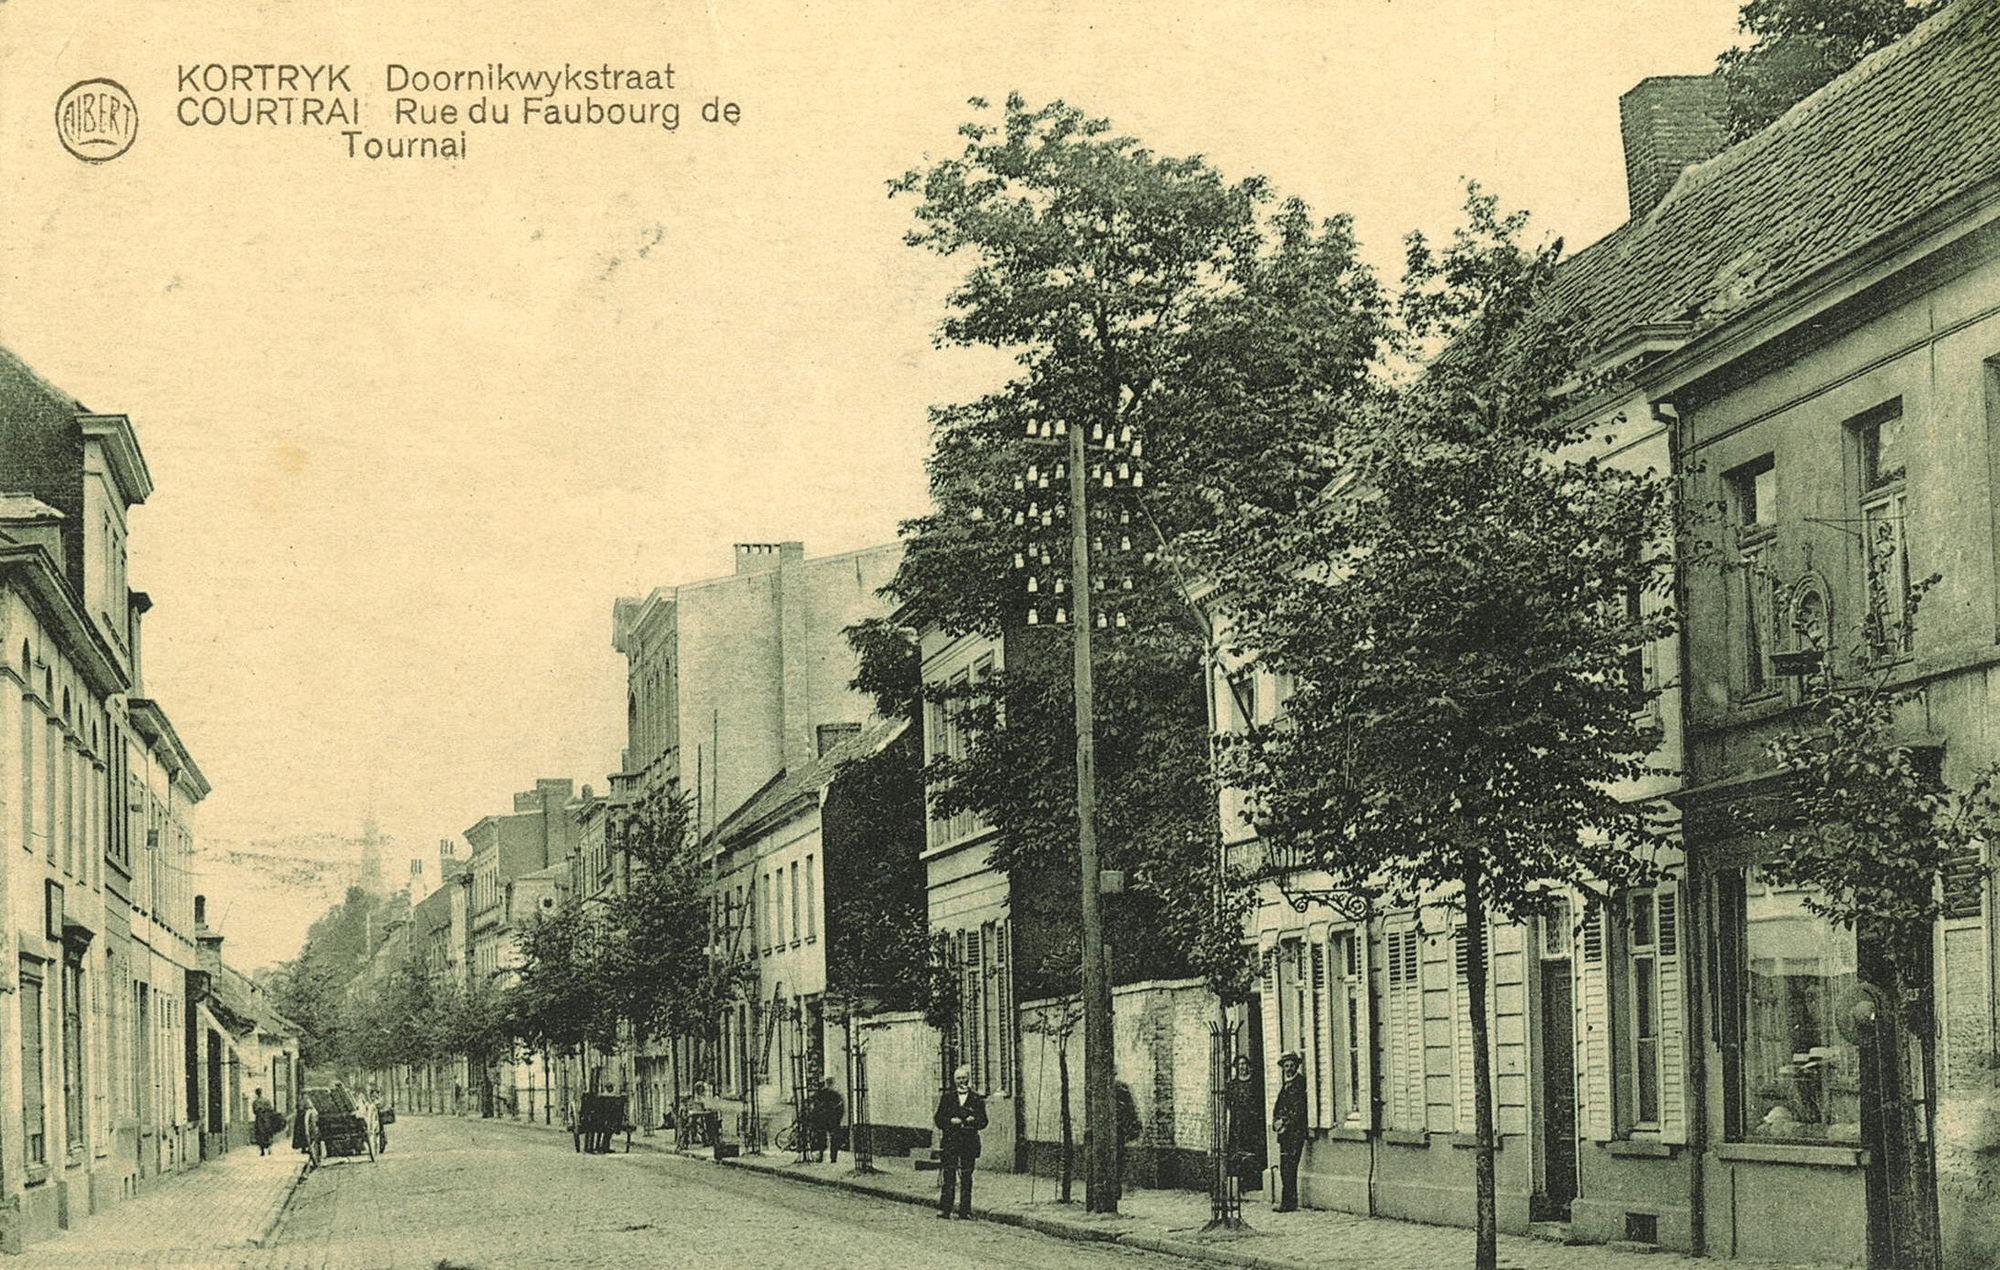 Doorniksewijk